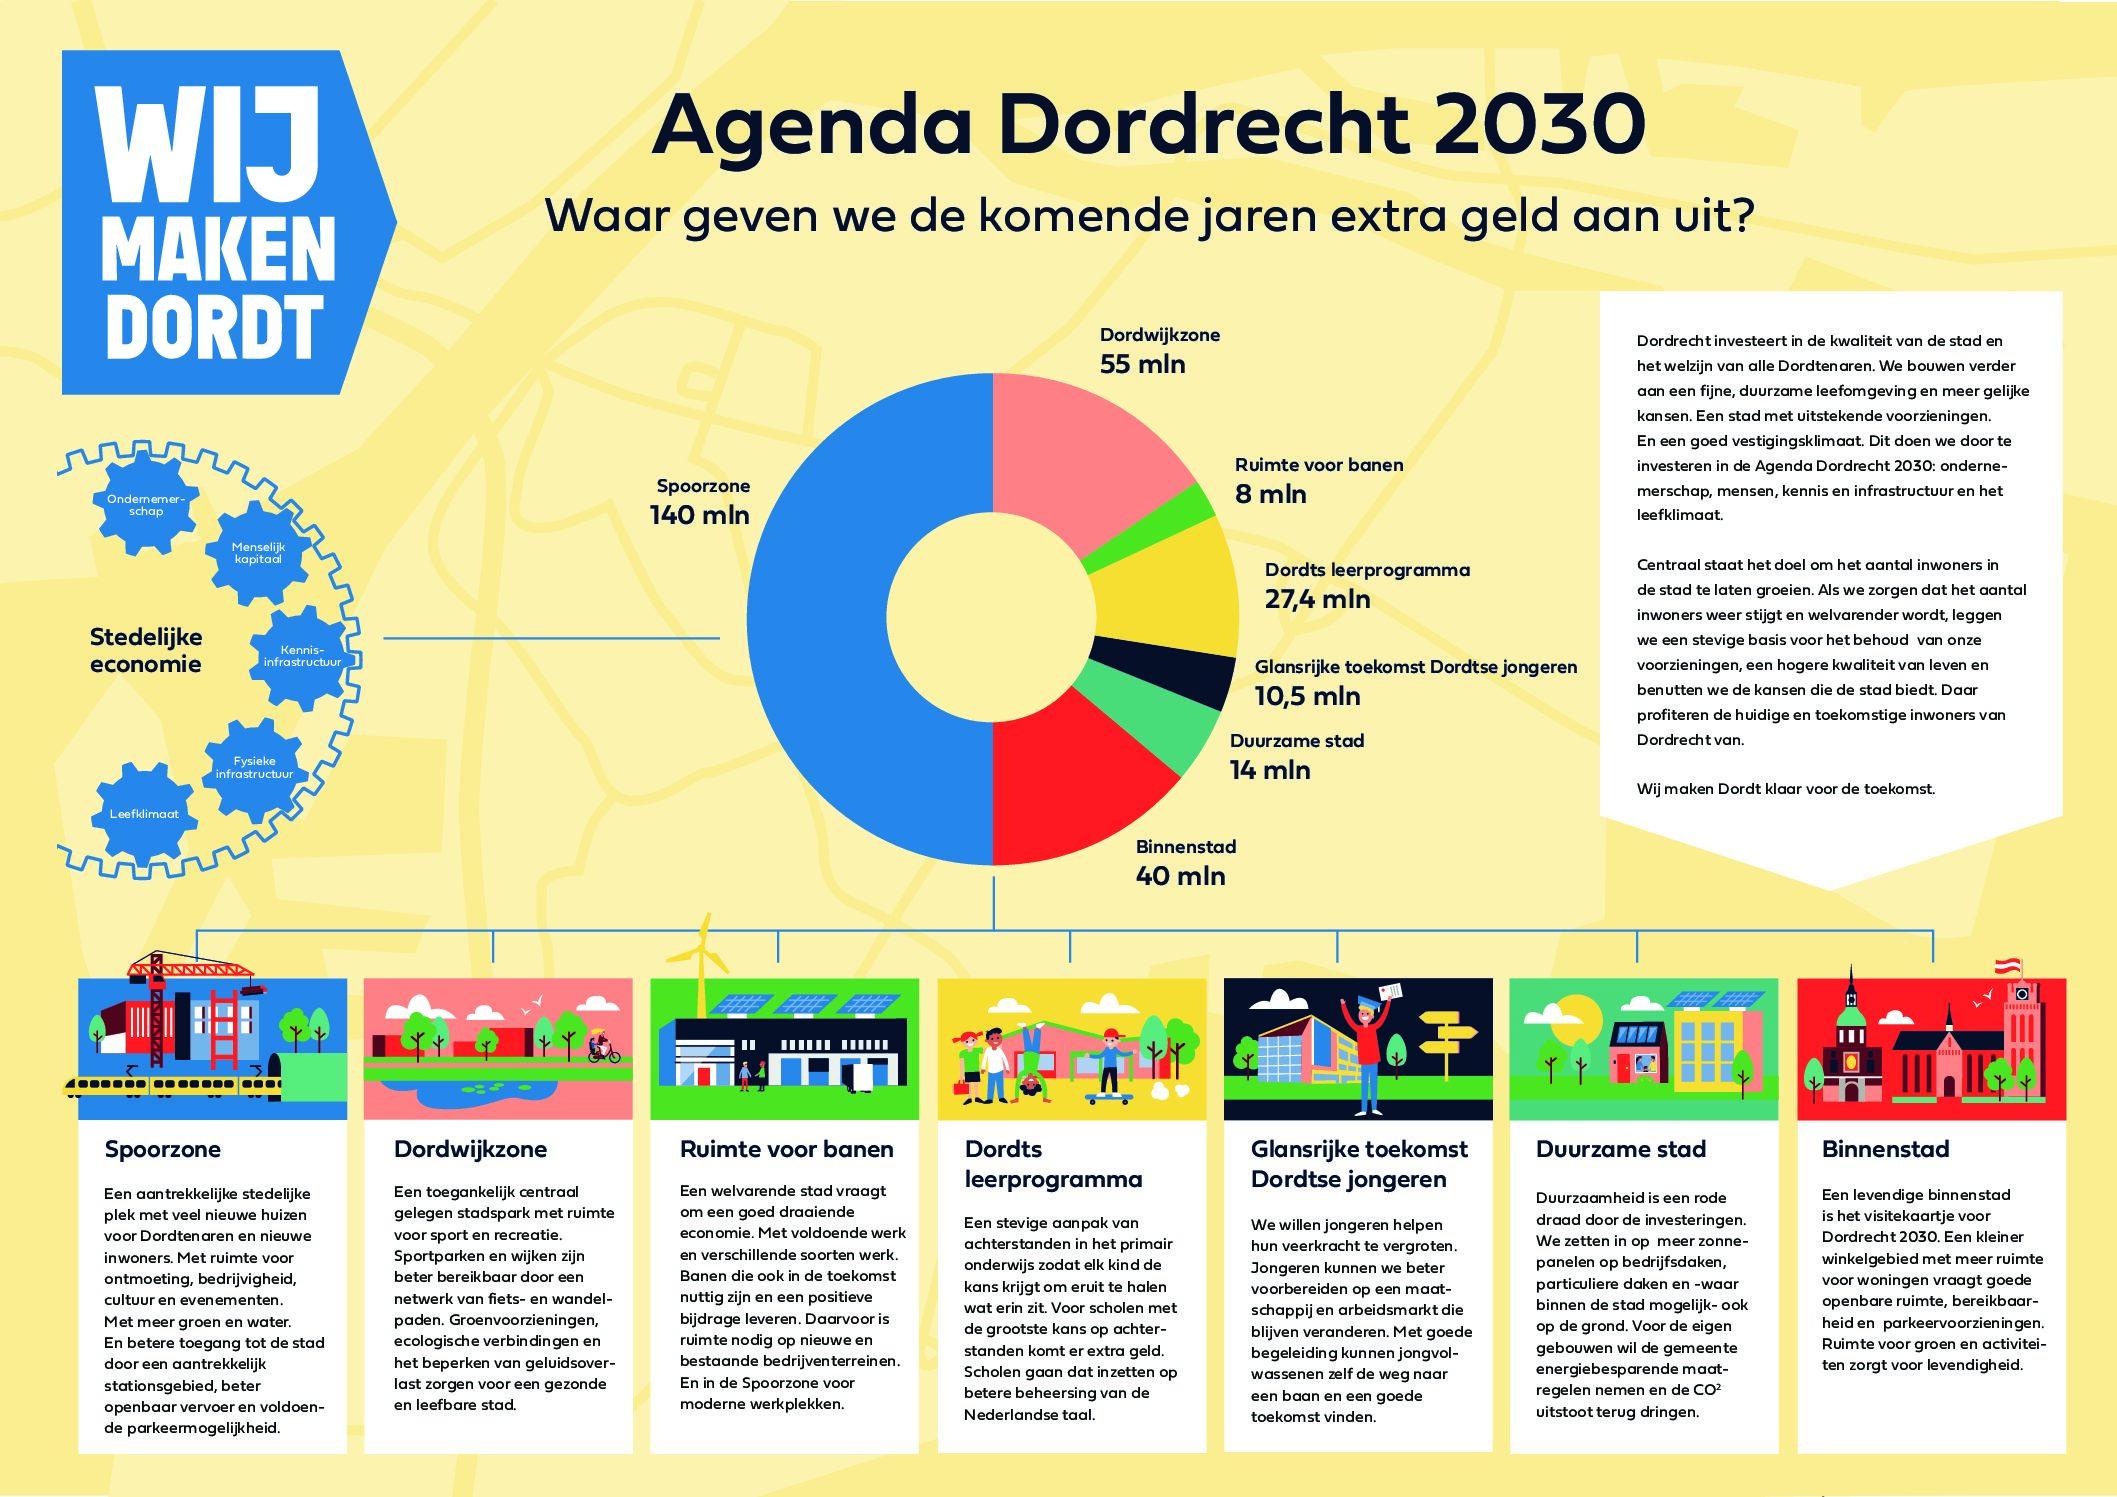 Dordrecht en de toekomst